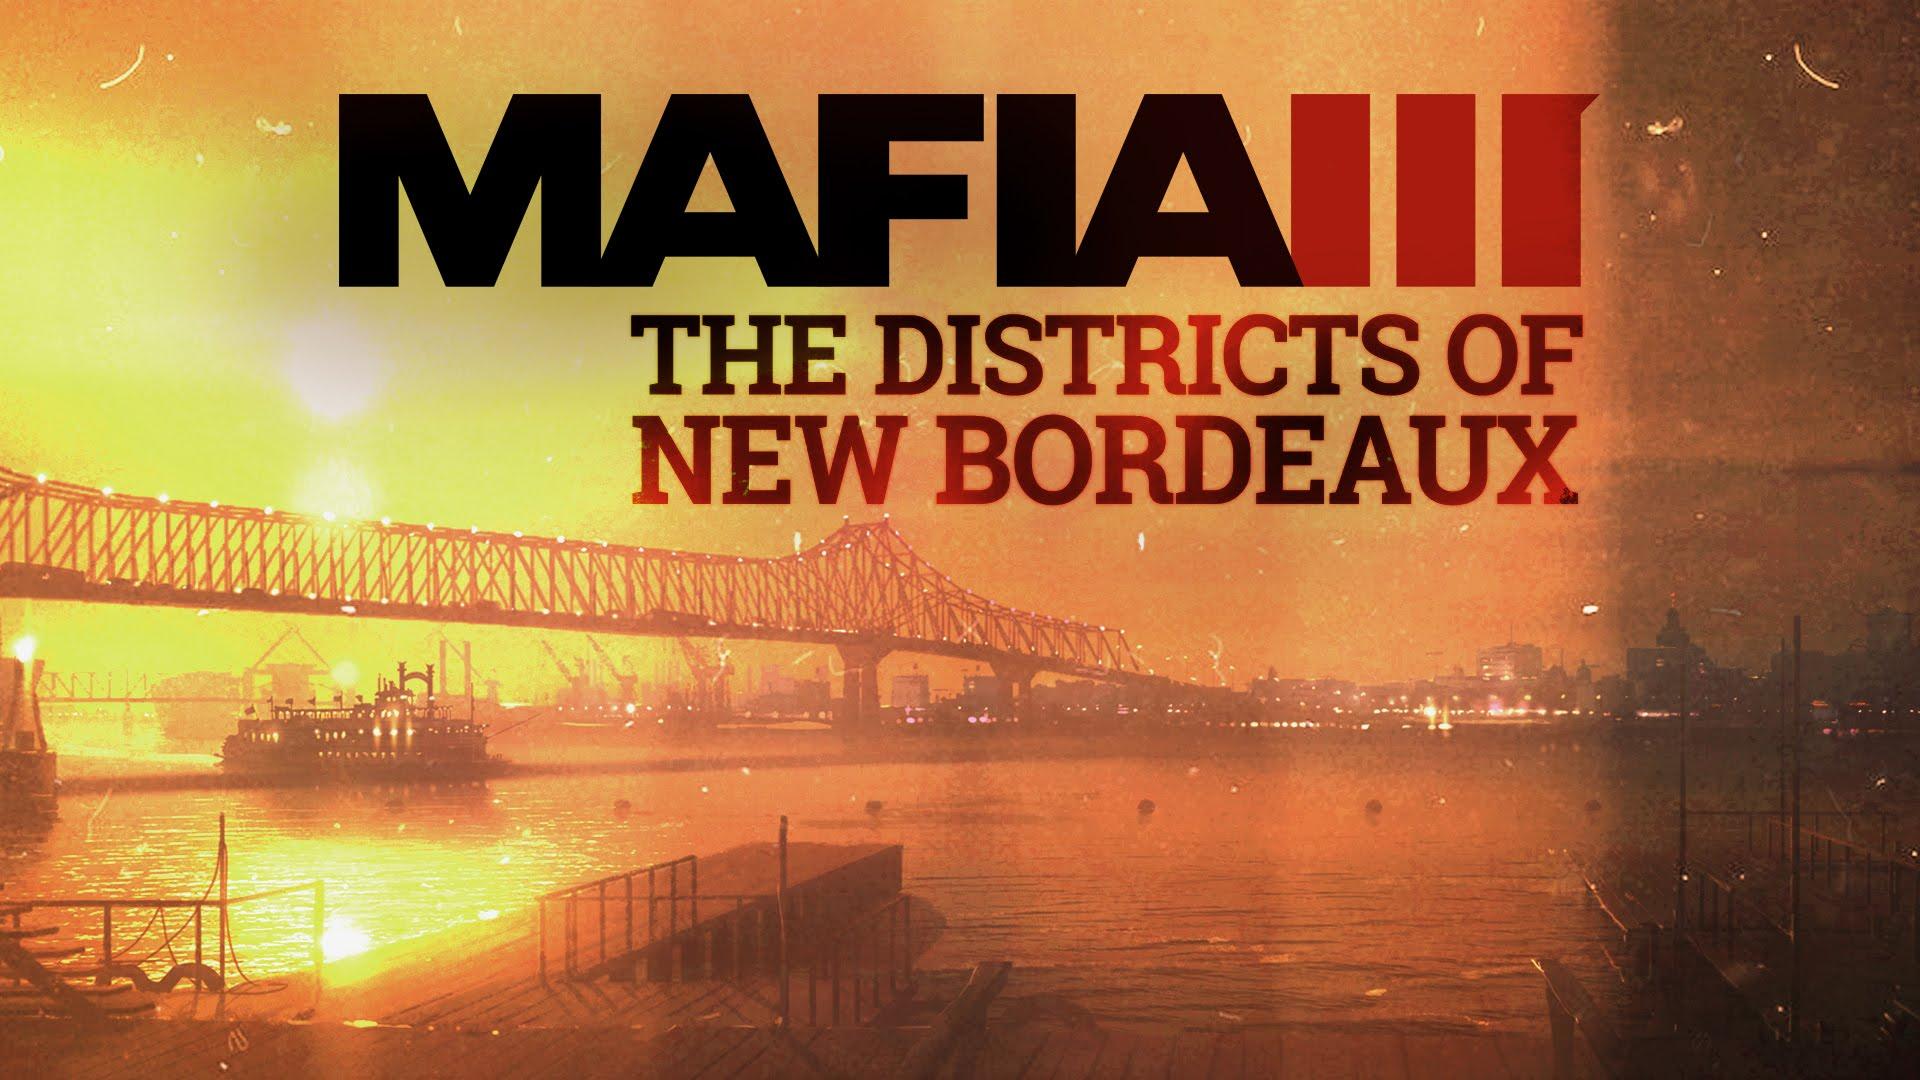 Mafia III primește trailer ce prezintă Bordeaux